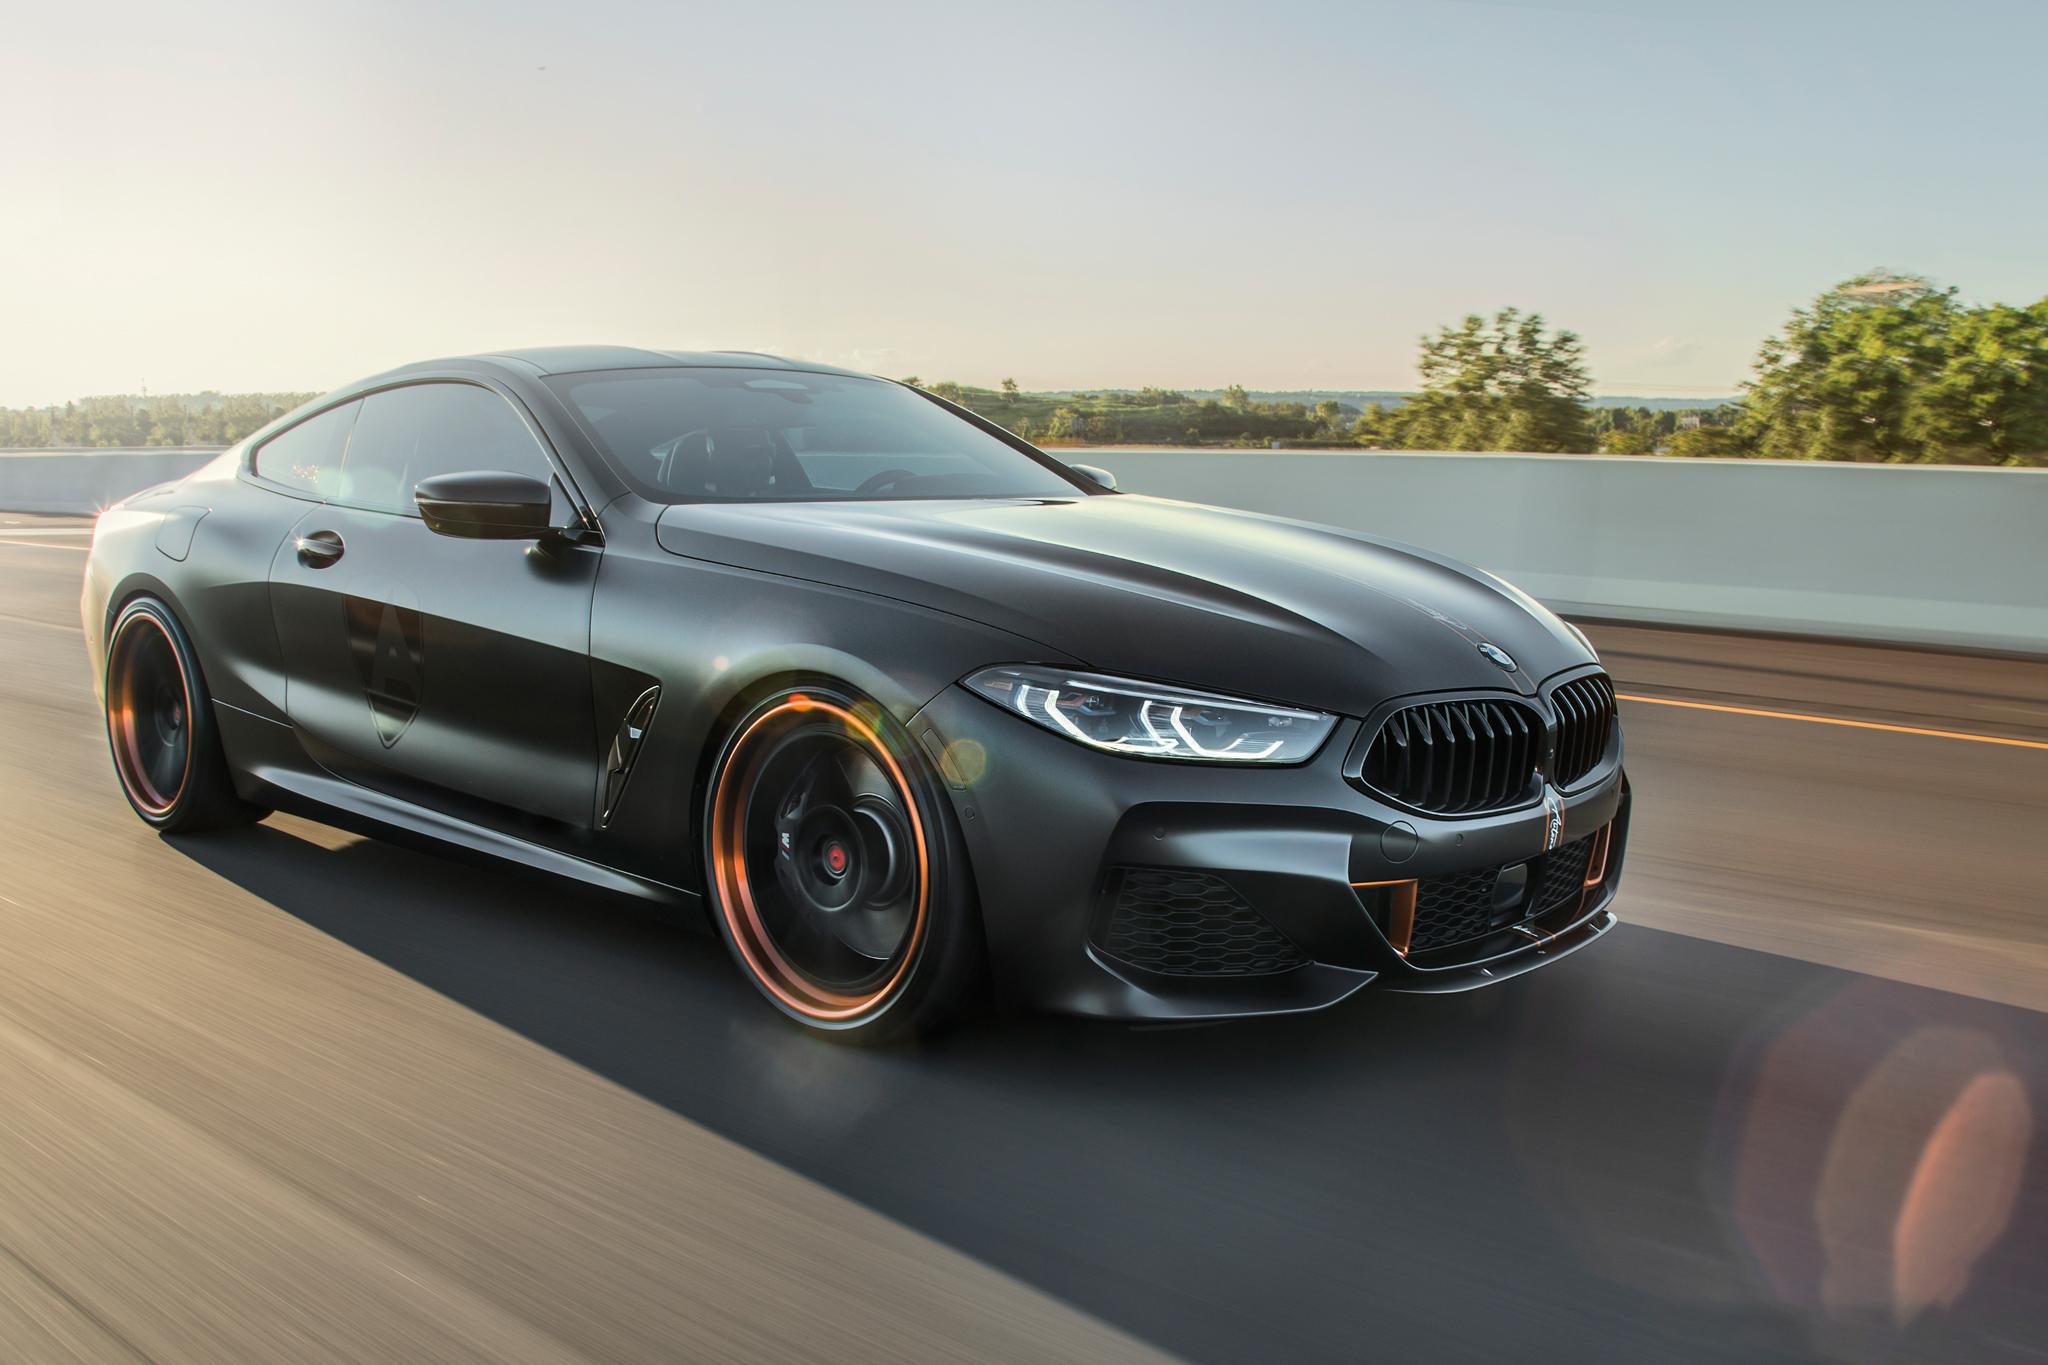 Sterckenn Carbon Fiber front splitter for BMW 8 G15 new model